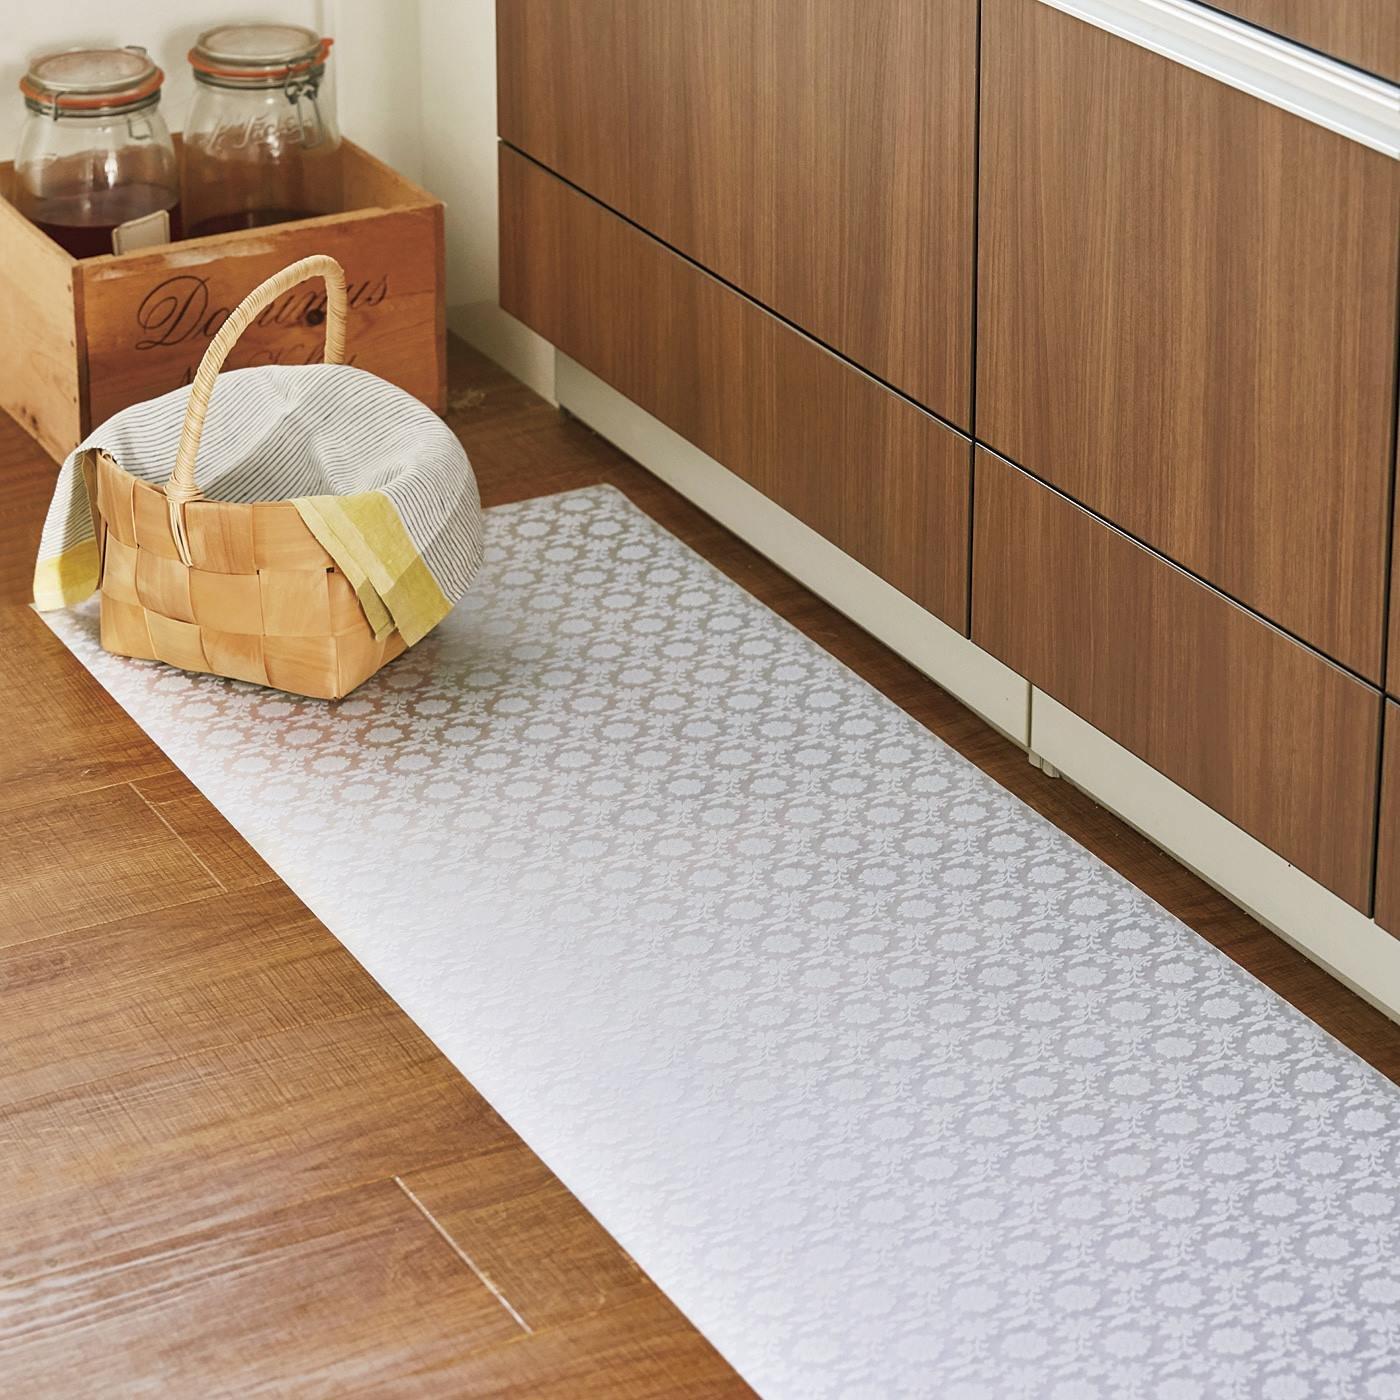 水や汚れをはじいて床を保護する しなやか素材のクリアマット